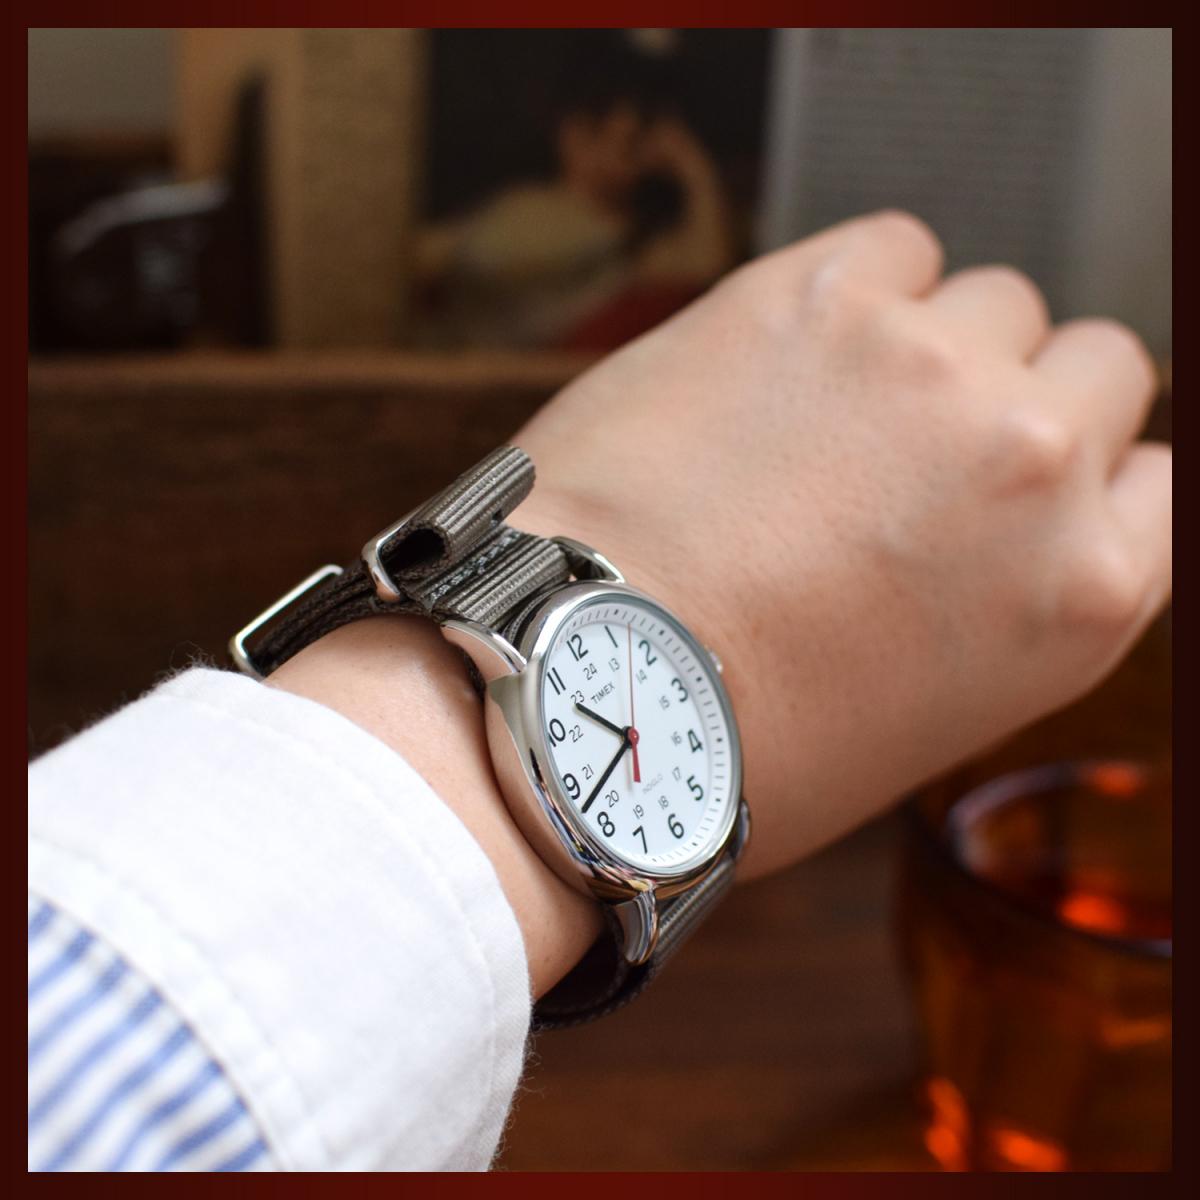 時計ベルト NATO ゴールドバックル ショートサイズ 18mm 3本セット 取付けマニュアル 腕時計バンドセット売り_画像9